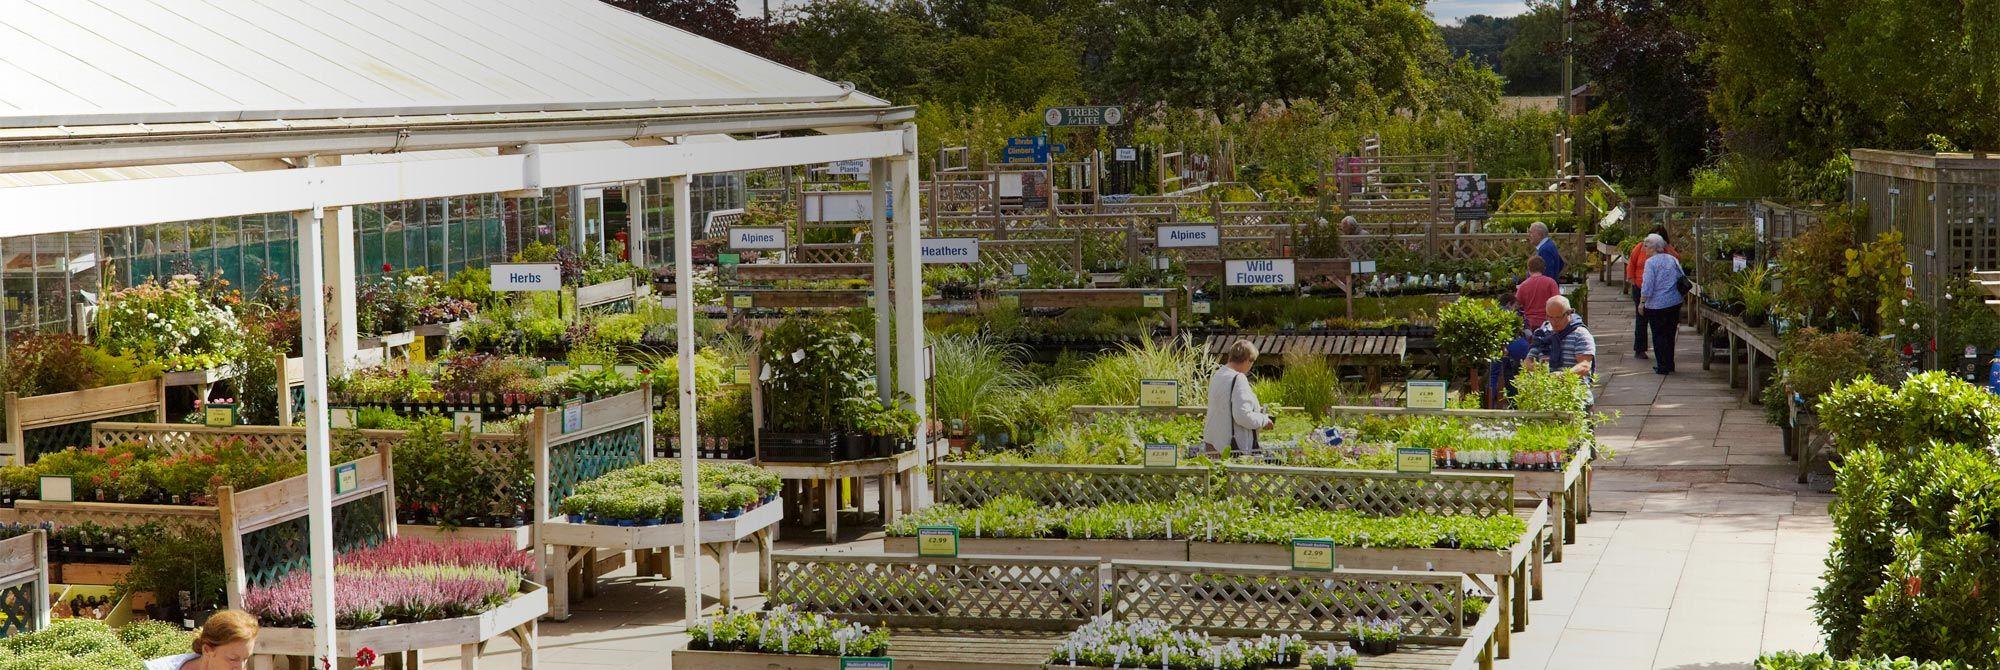 York Garden Centre - Dean\'s Garden Centre   UK shops, markets ...